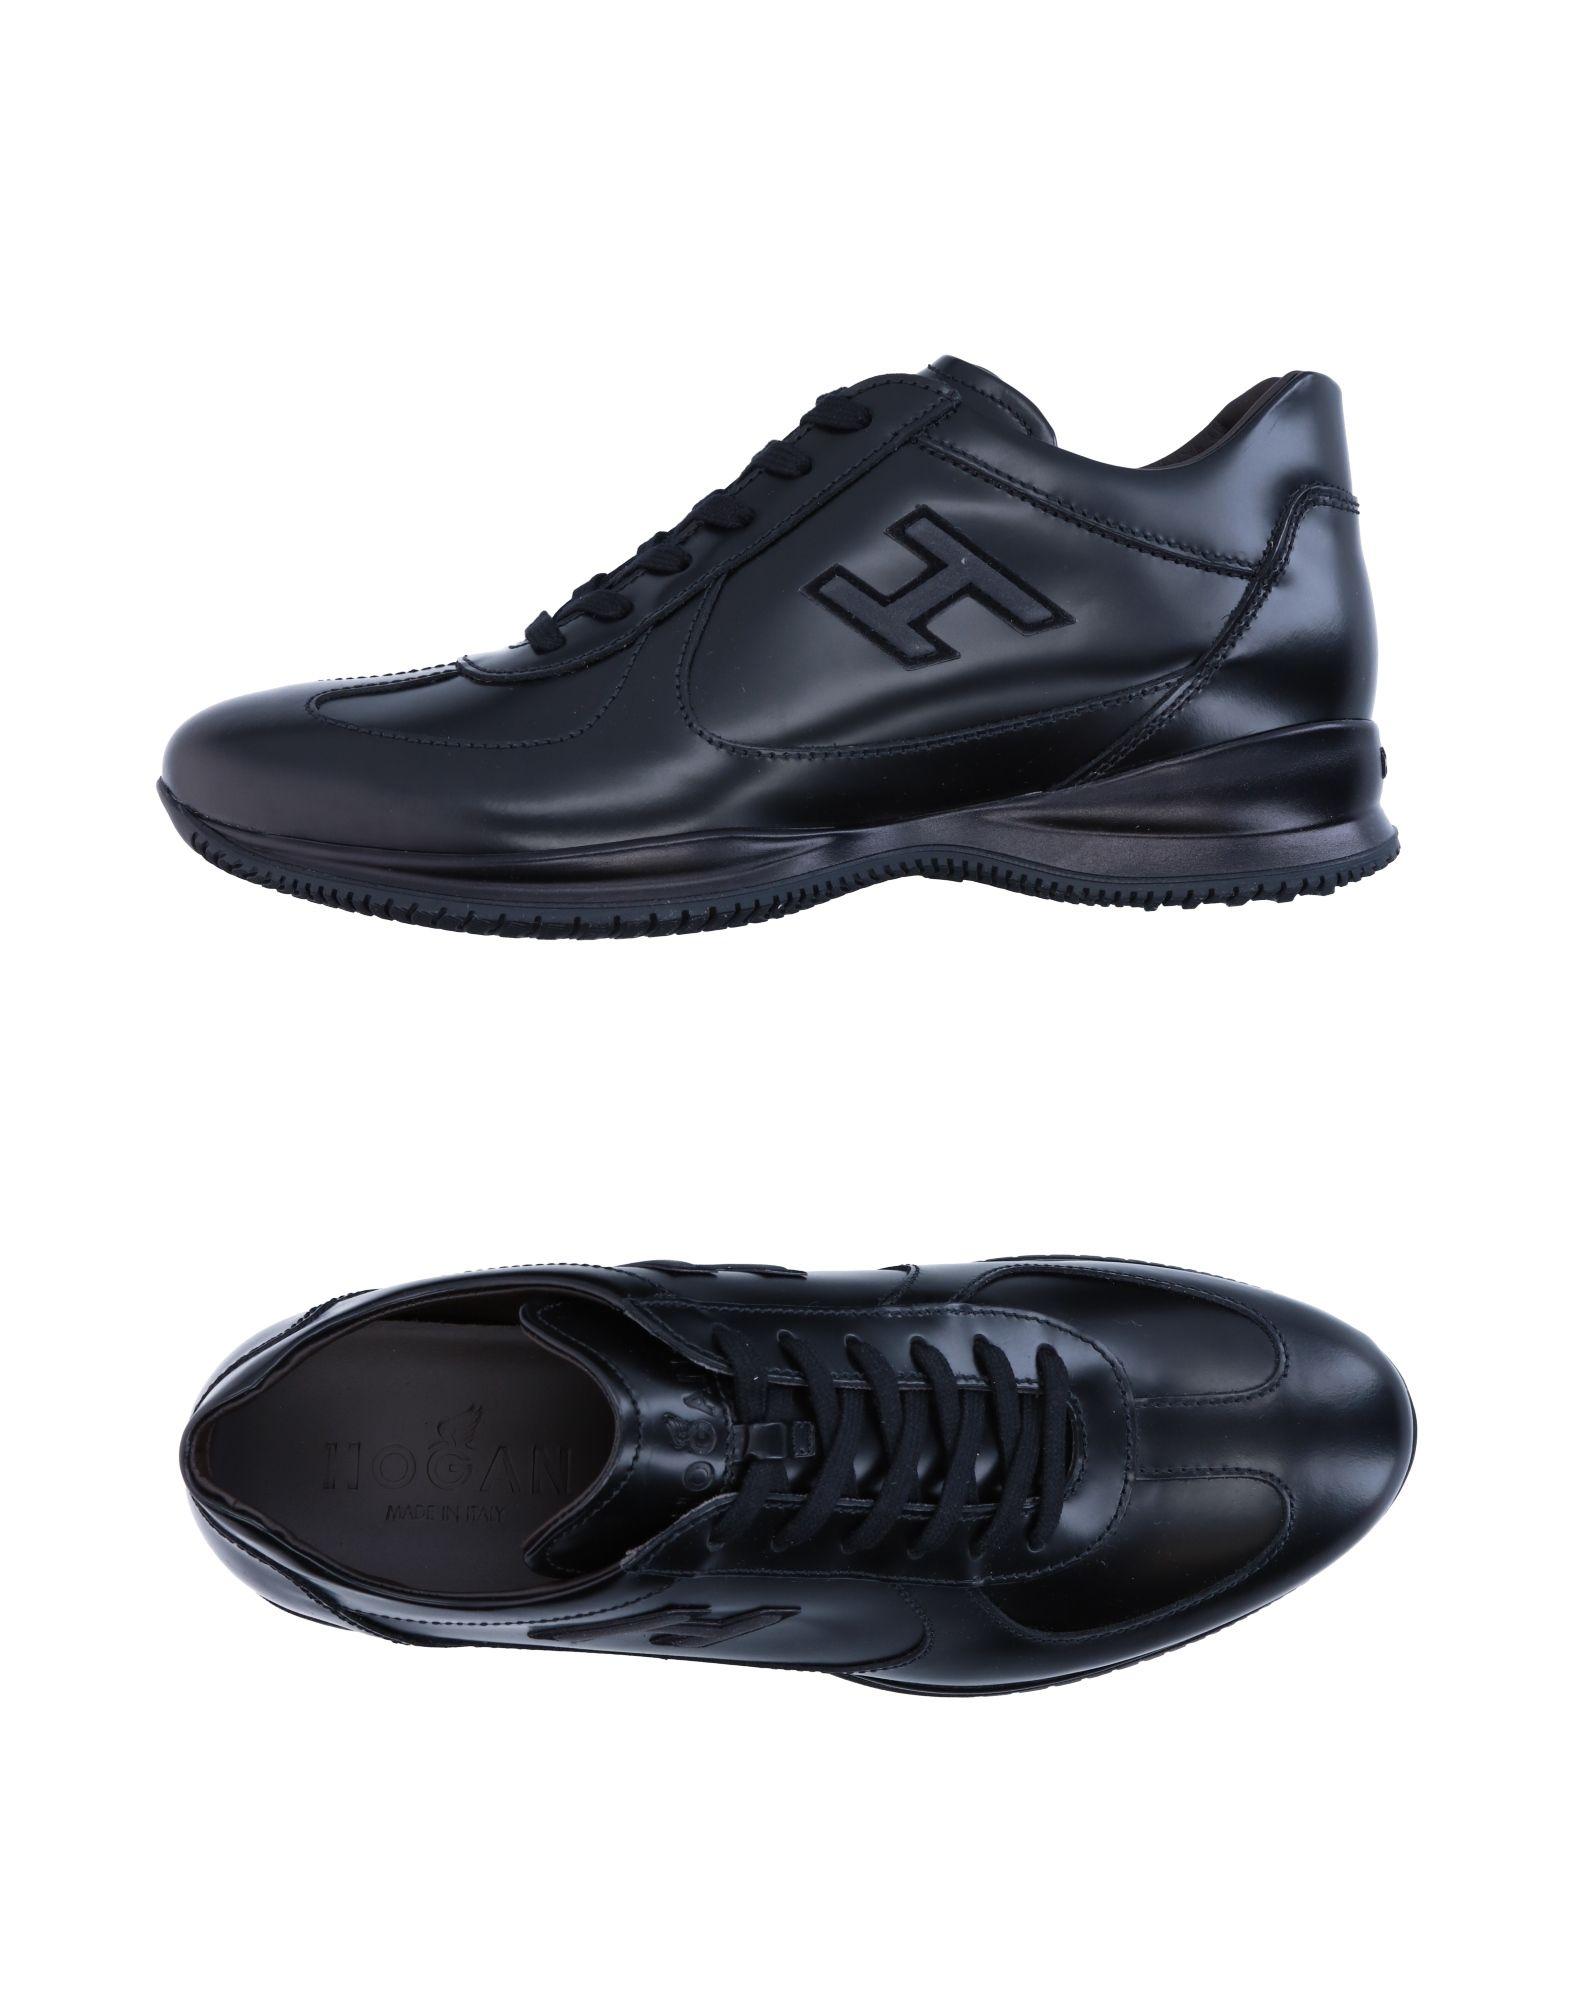 Sneakers Hogan Homme - Sneakers Hogan  Noir Dernières chaussures discount pour hommes et femmes